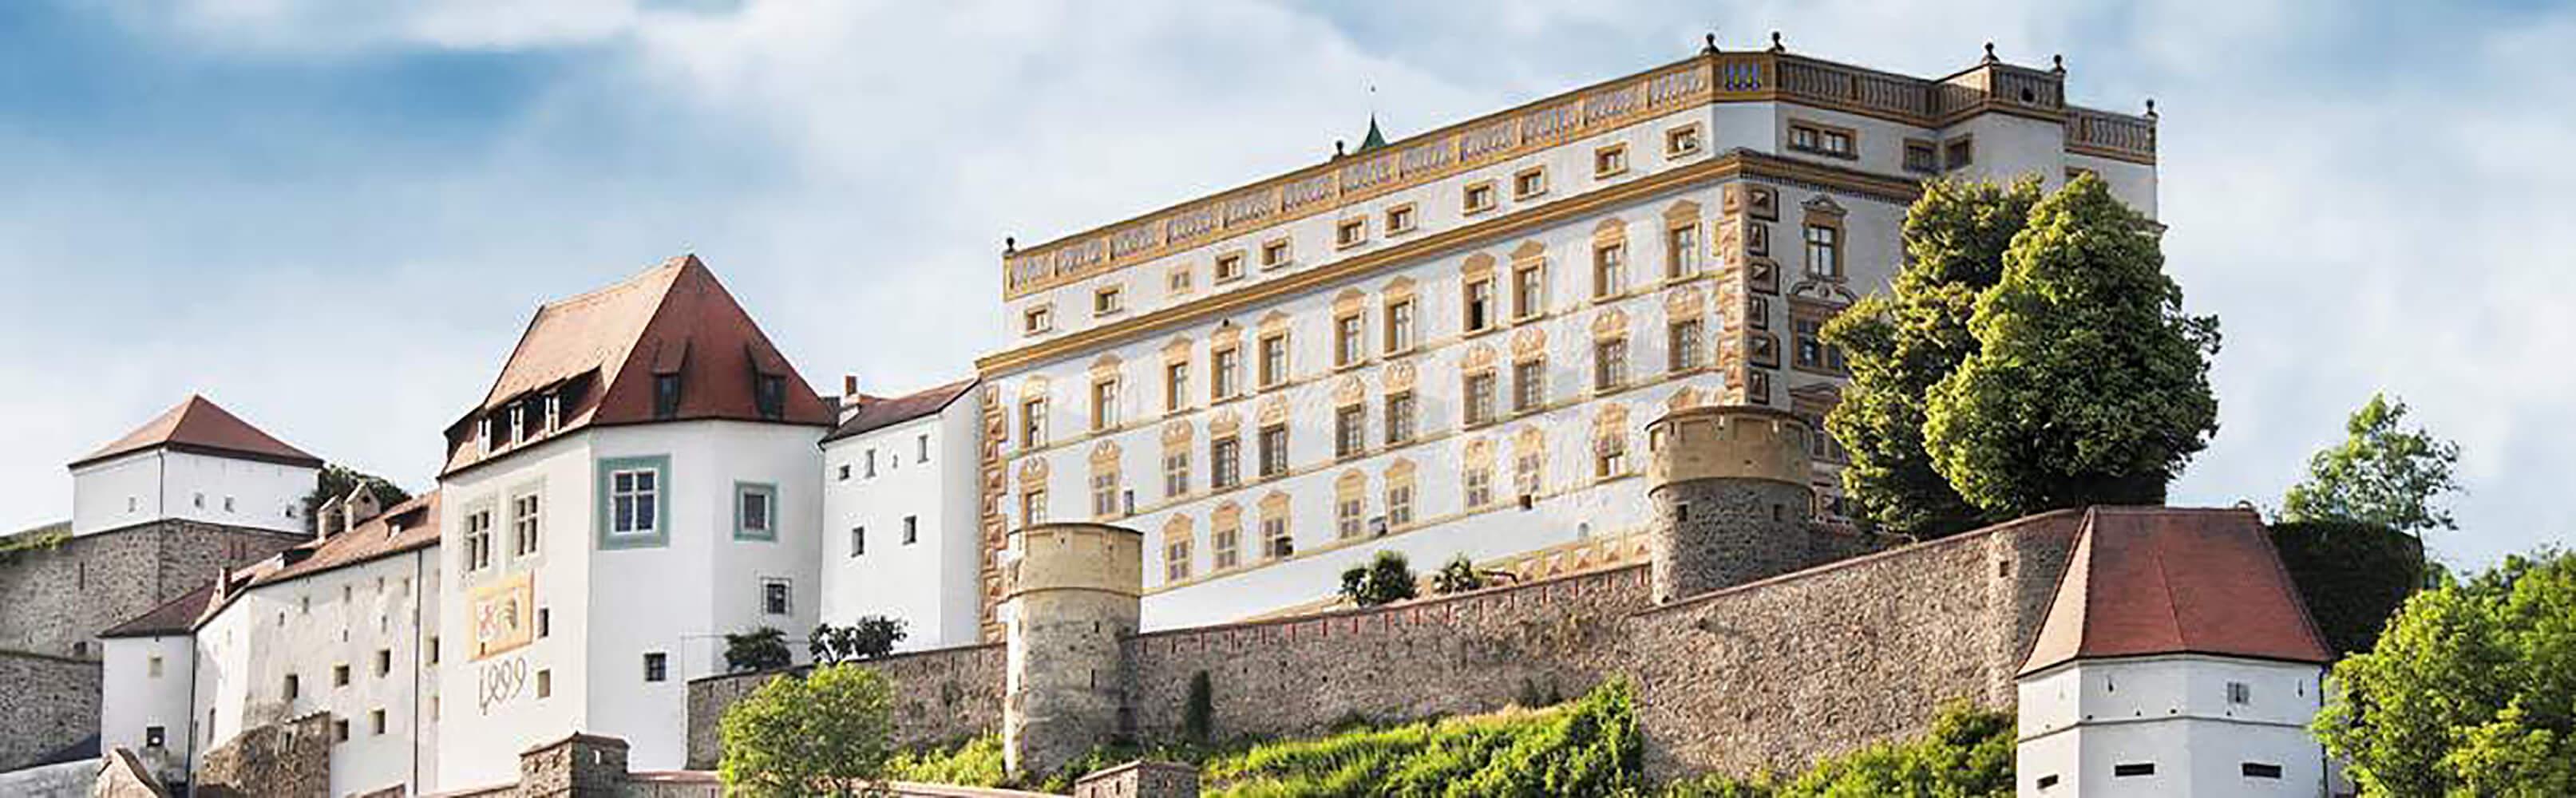 Veste Oberhaus Passau – die Bastille Bayerns 1